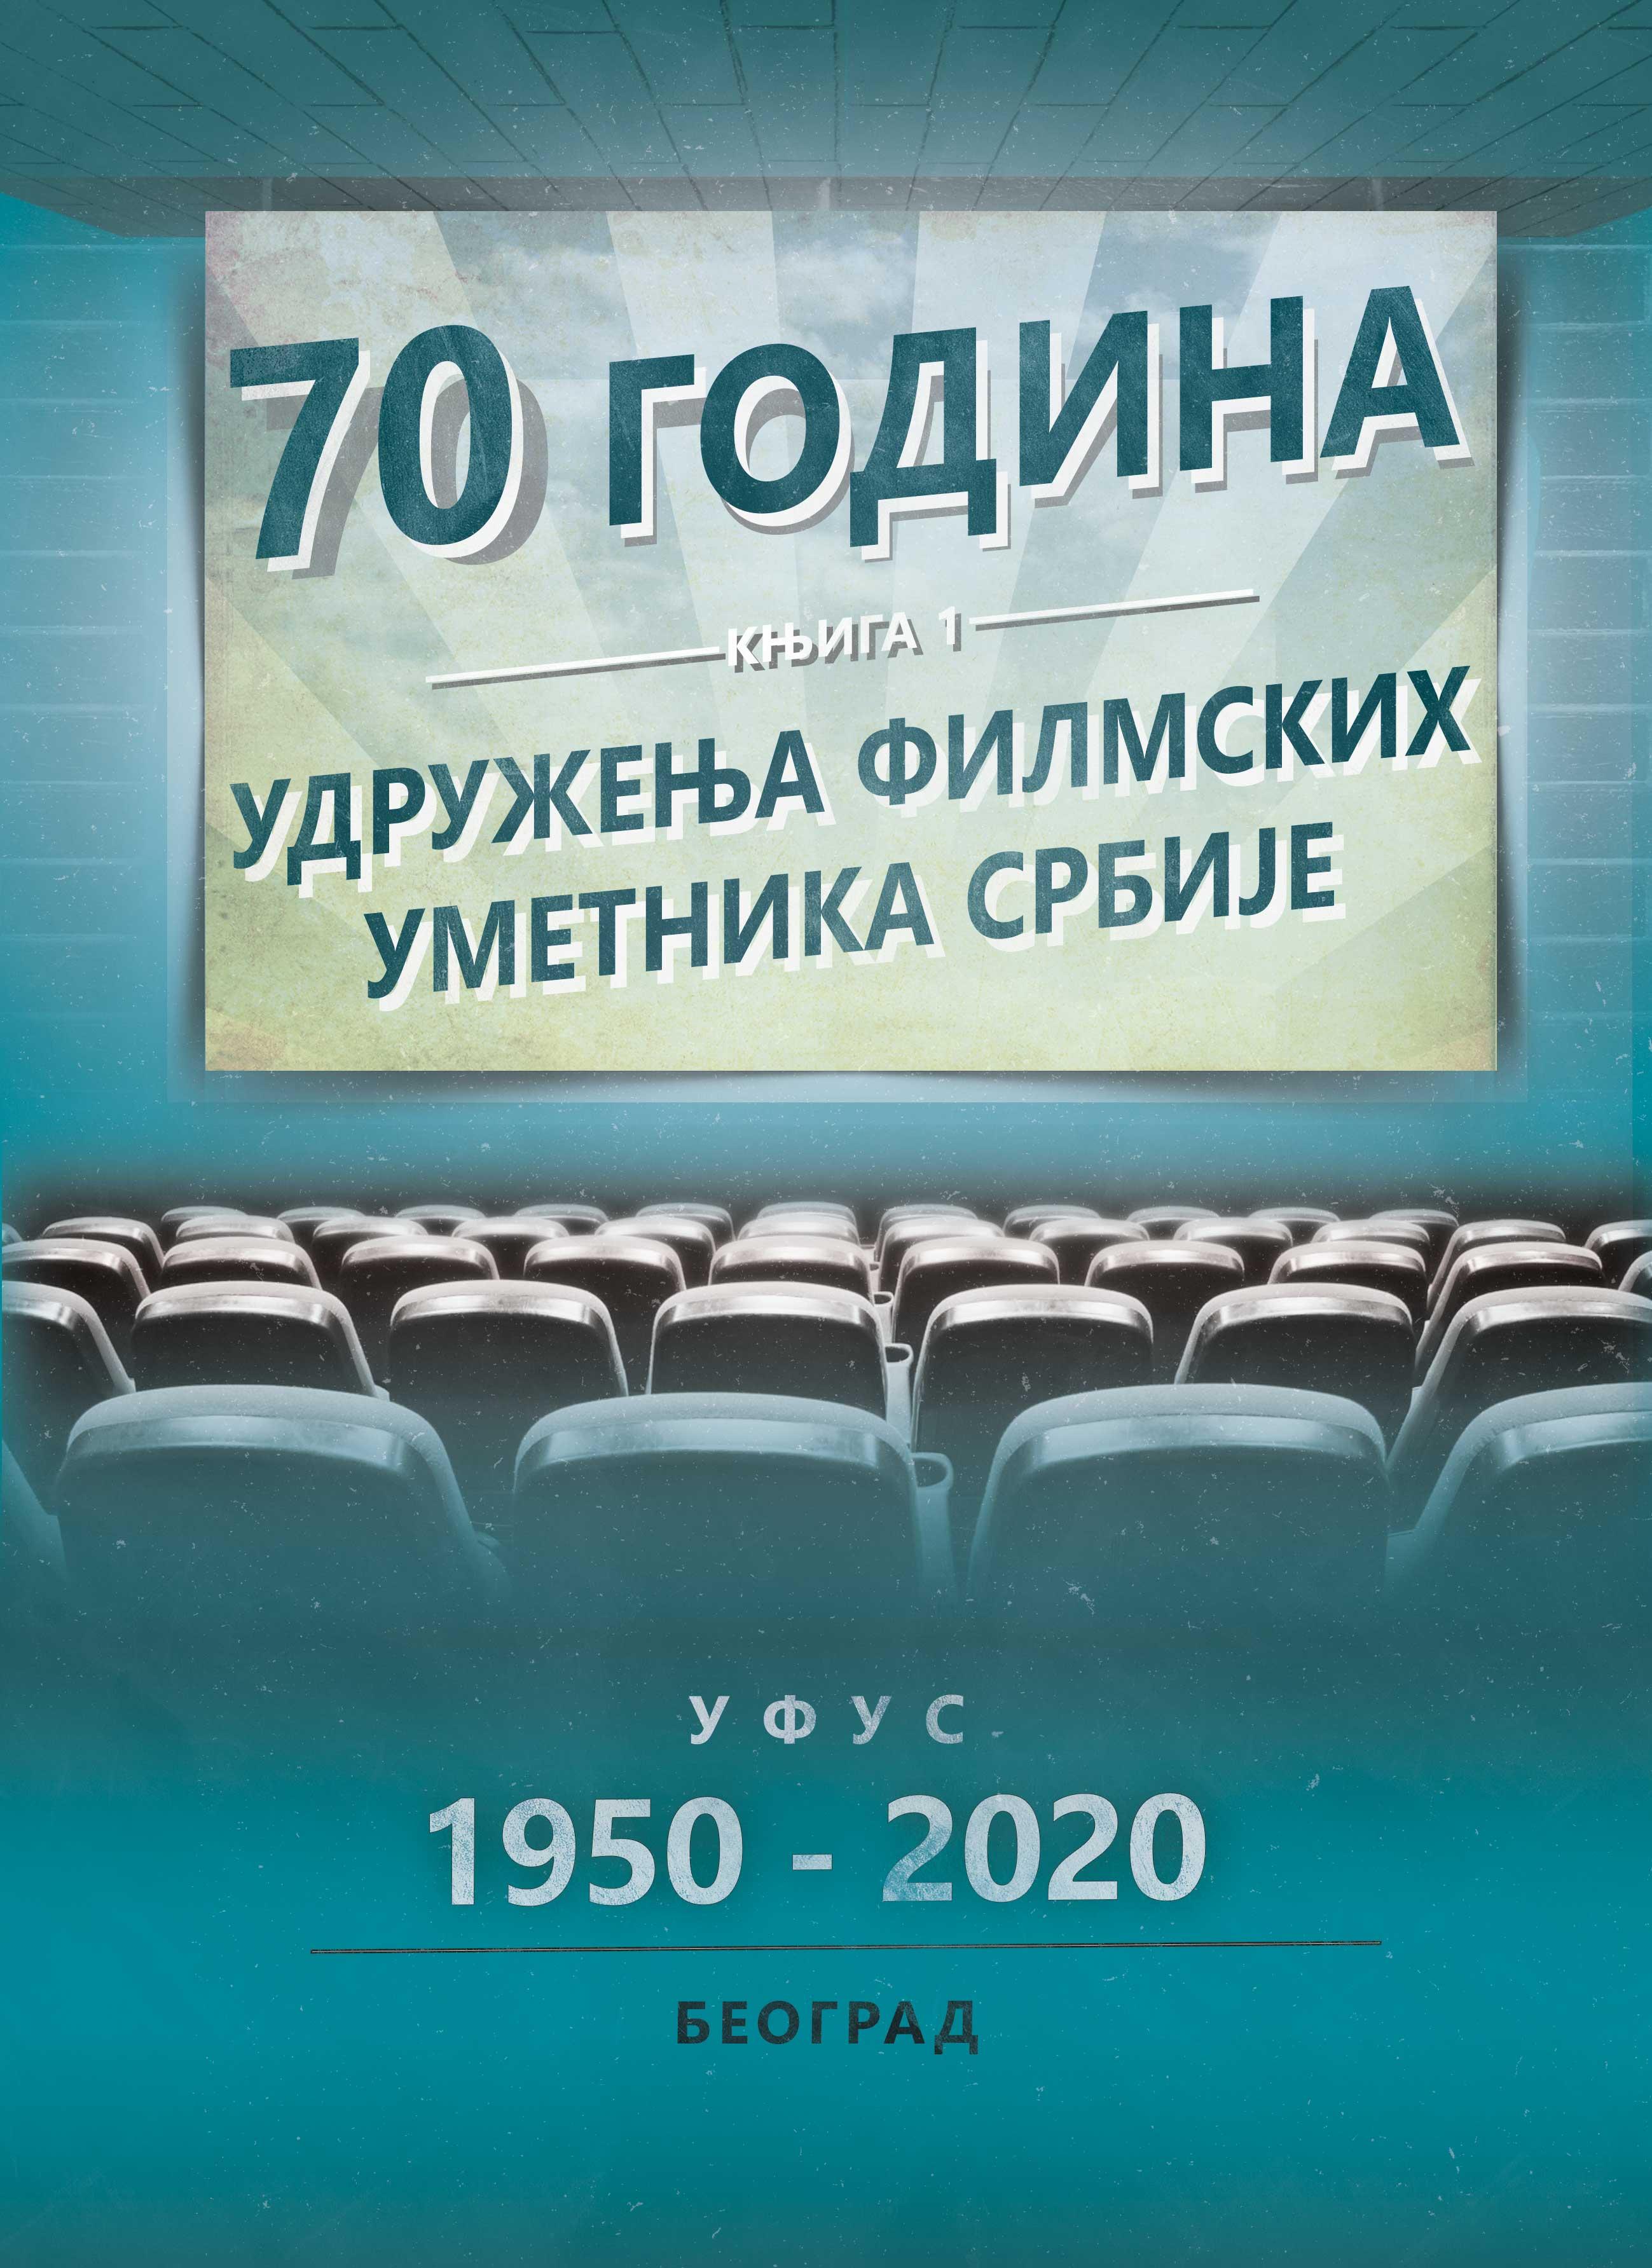 70 godina Udruženja filmskih umetnika Srbije